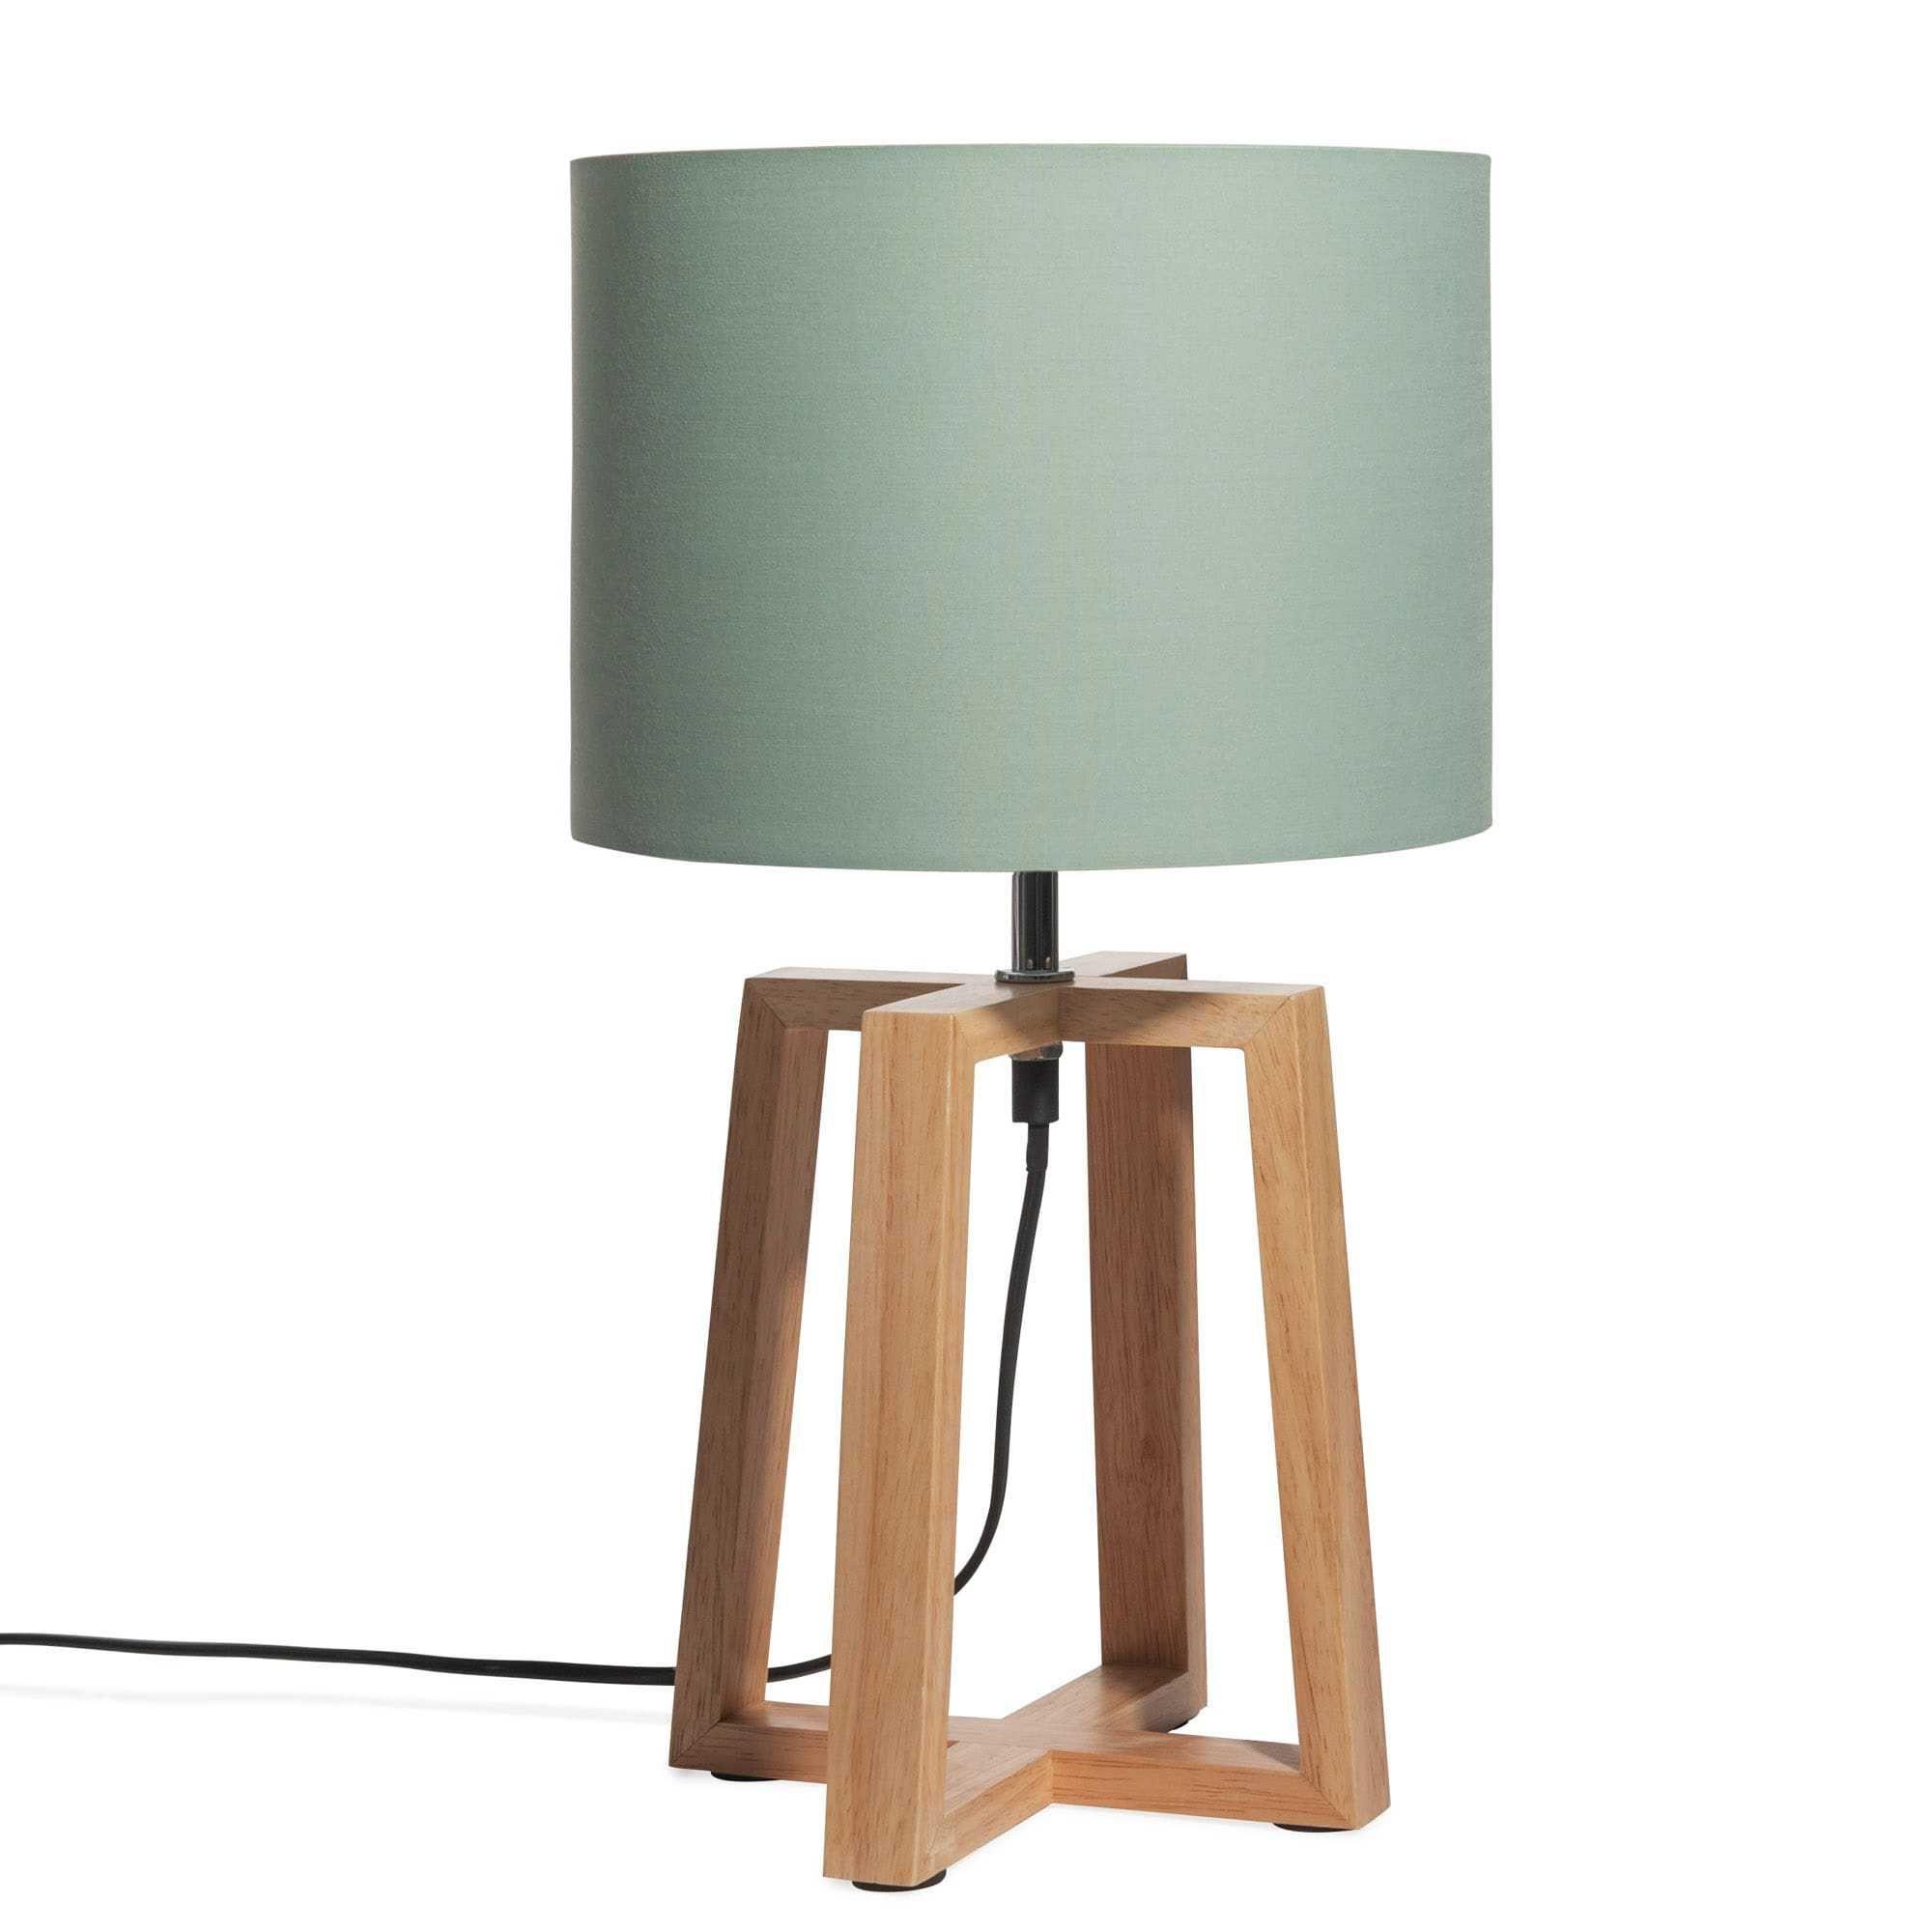 Lampes à poser | Lampe bois, Abat jour, Abat jour vert